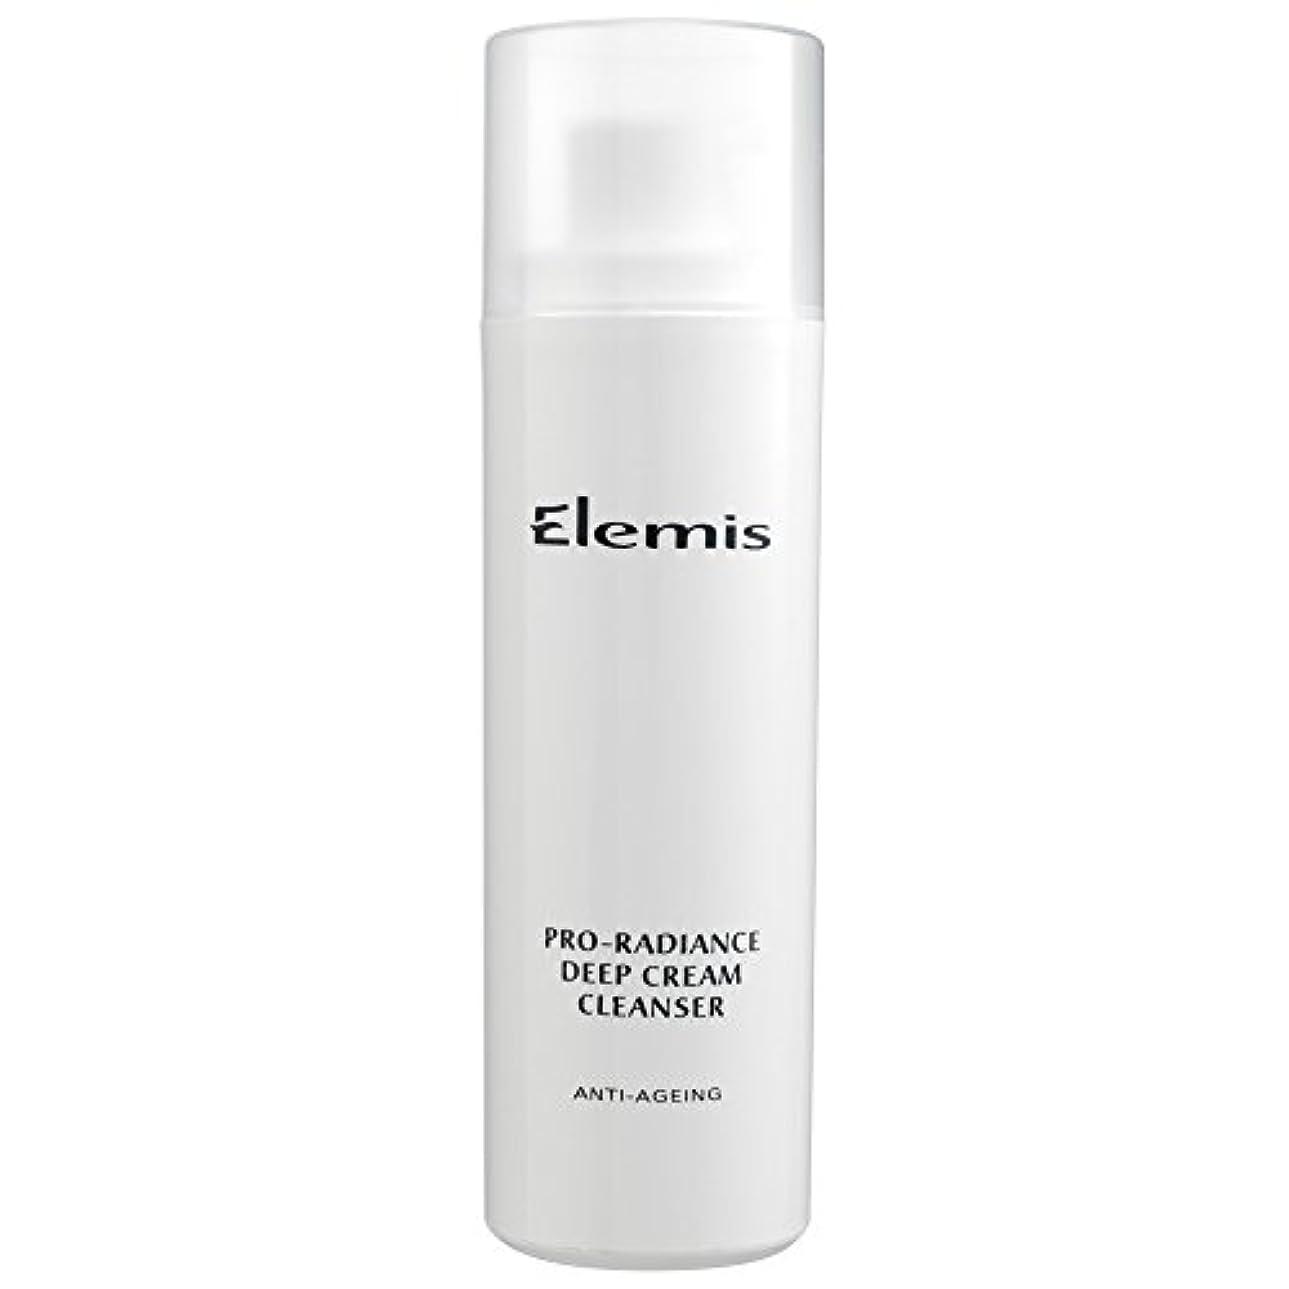 評論家注ぎますブロンズエレミスプロ輝きクリームクレンザー、150ミリリットル (Elemis) (x2) - Elemis Pro-Radiance Cream Cleanser, 150ml (Pack of 2) [並行輸入品]